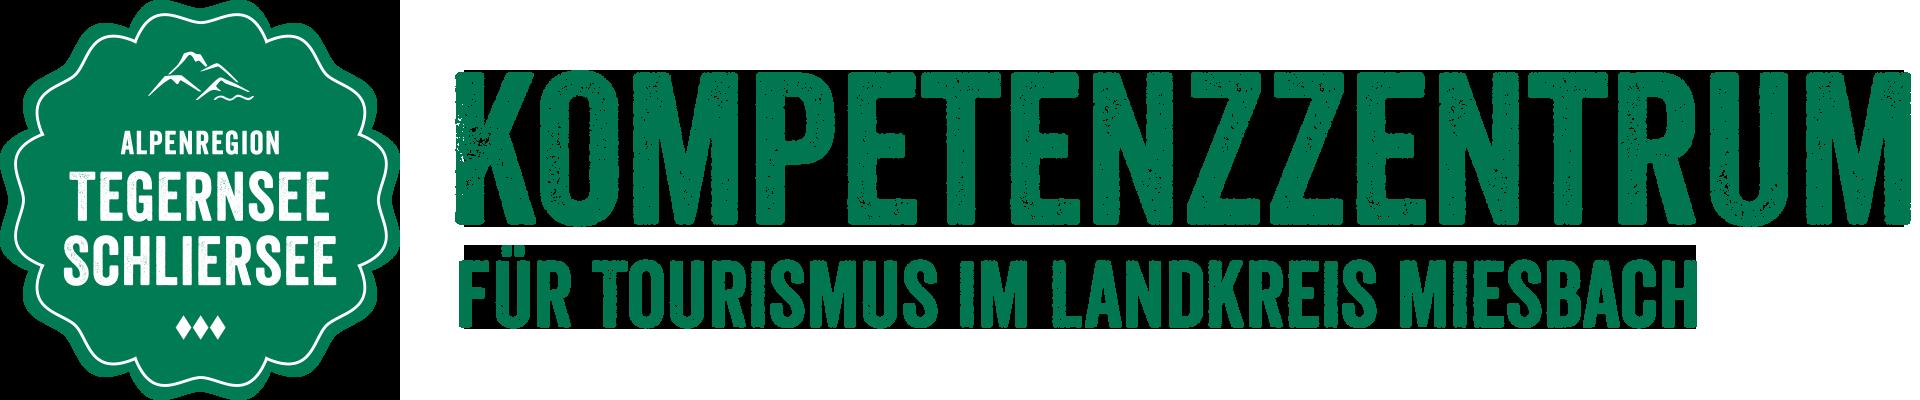 Kompetenzzentrum Alpenregion Tegernsee Schliersee